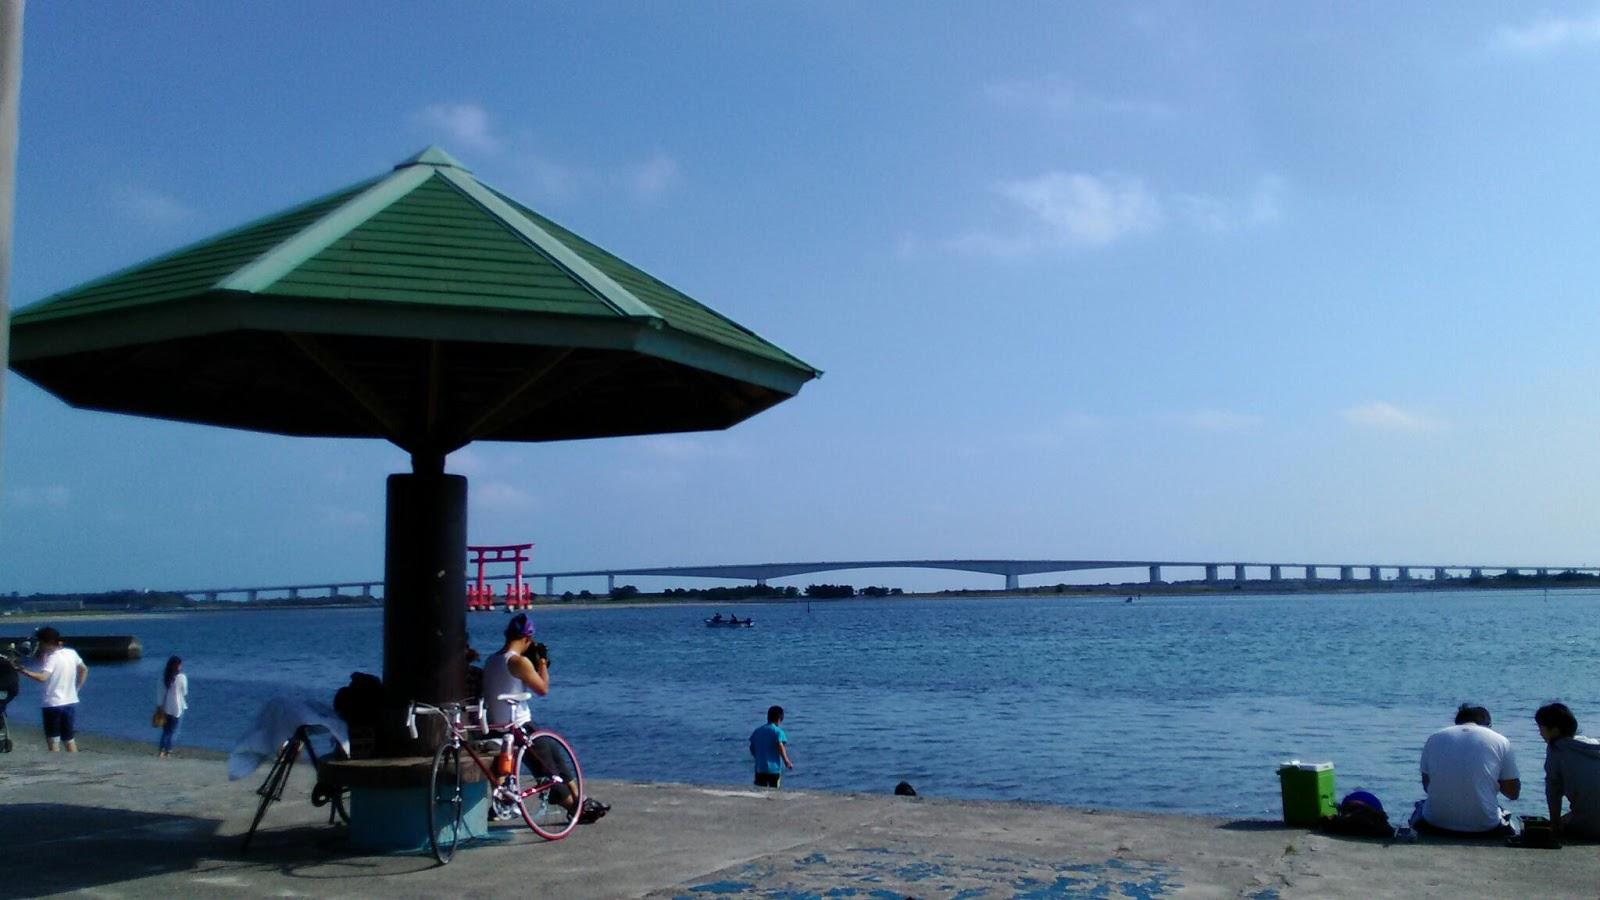 海水 弁天 浴場 島 弁天島海浜公園の見どころは?南国のリゾート気分を味わえて潮風も気持ちいい!